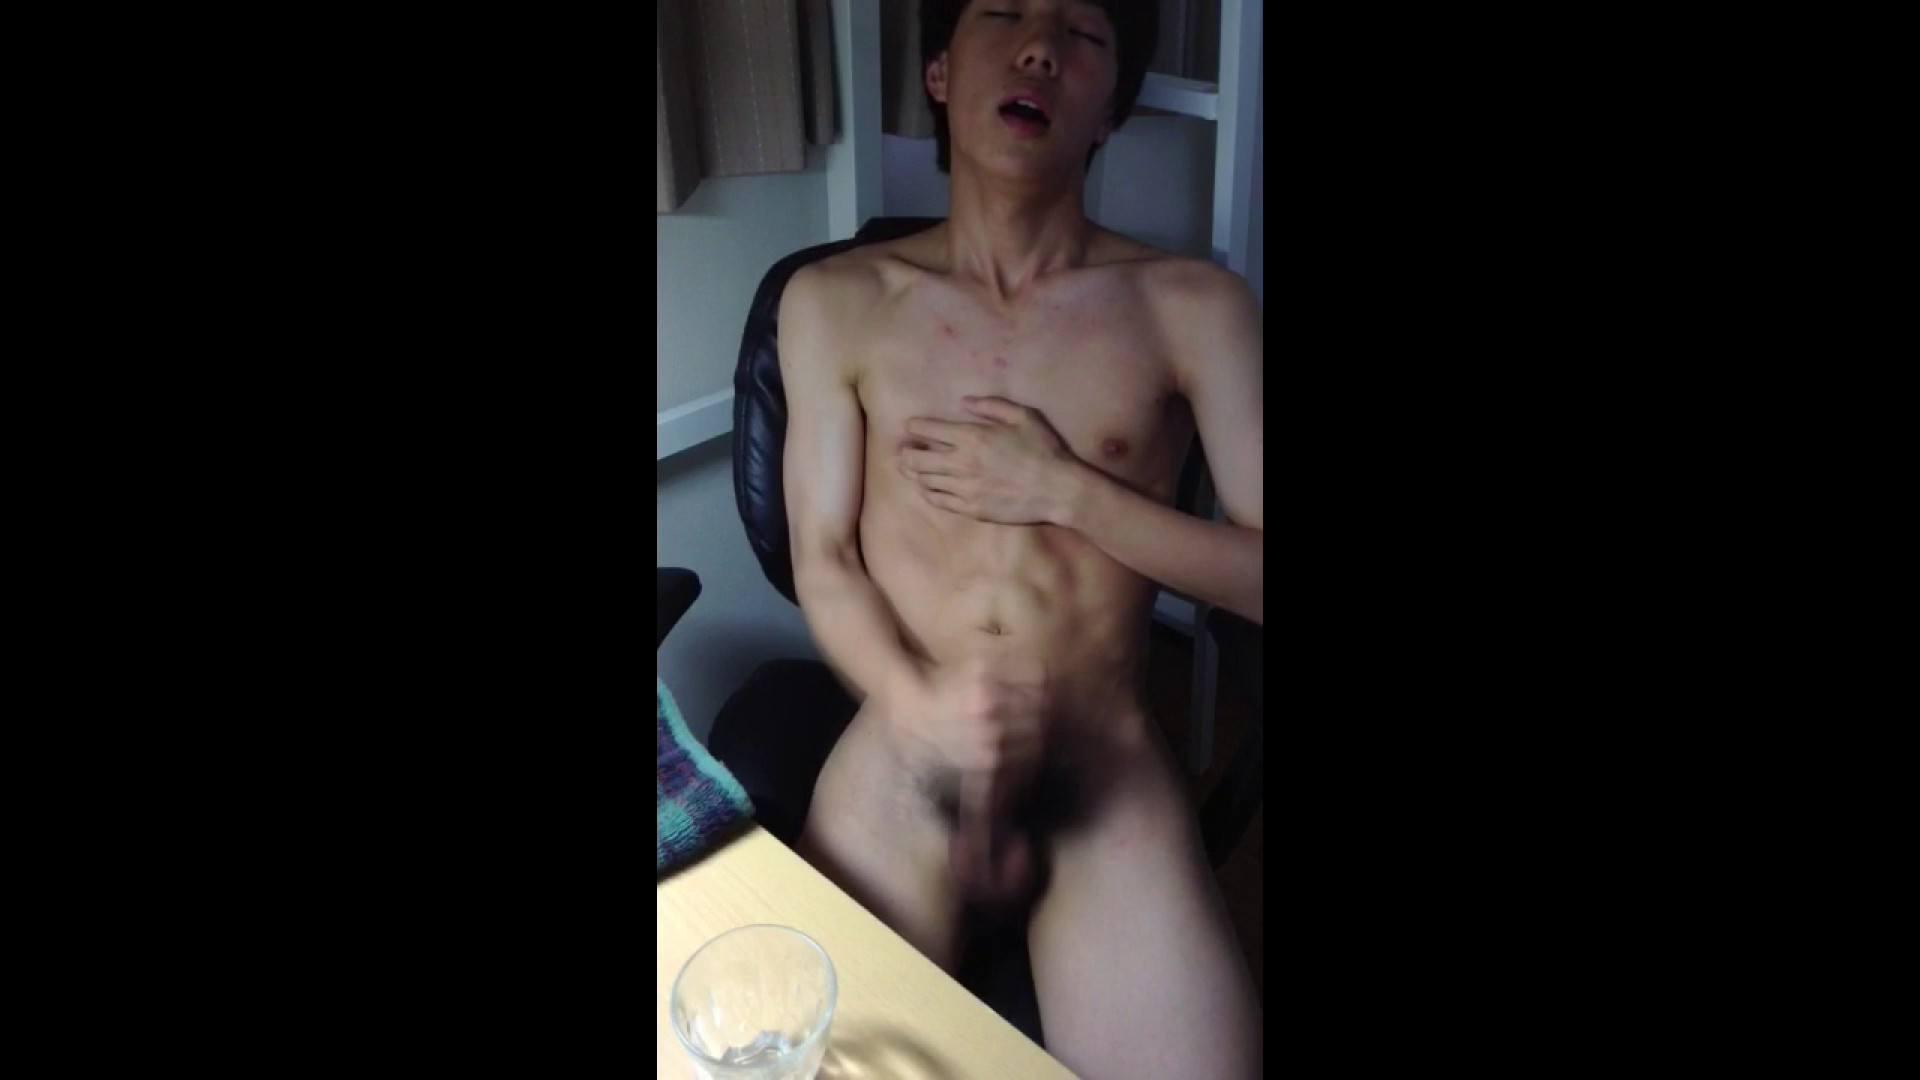 ゆめかわな男子のゆめかわオナニー   vol.14 スリム美少年系ジャニ系 ゲイセックス画像 100連発 96